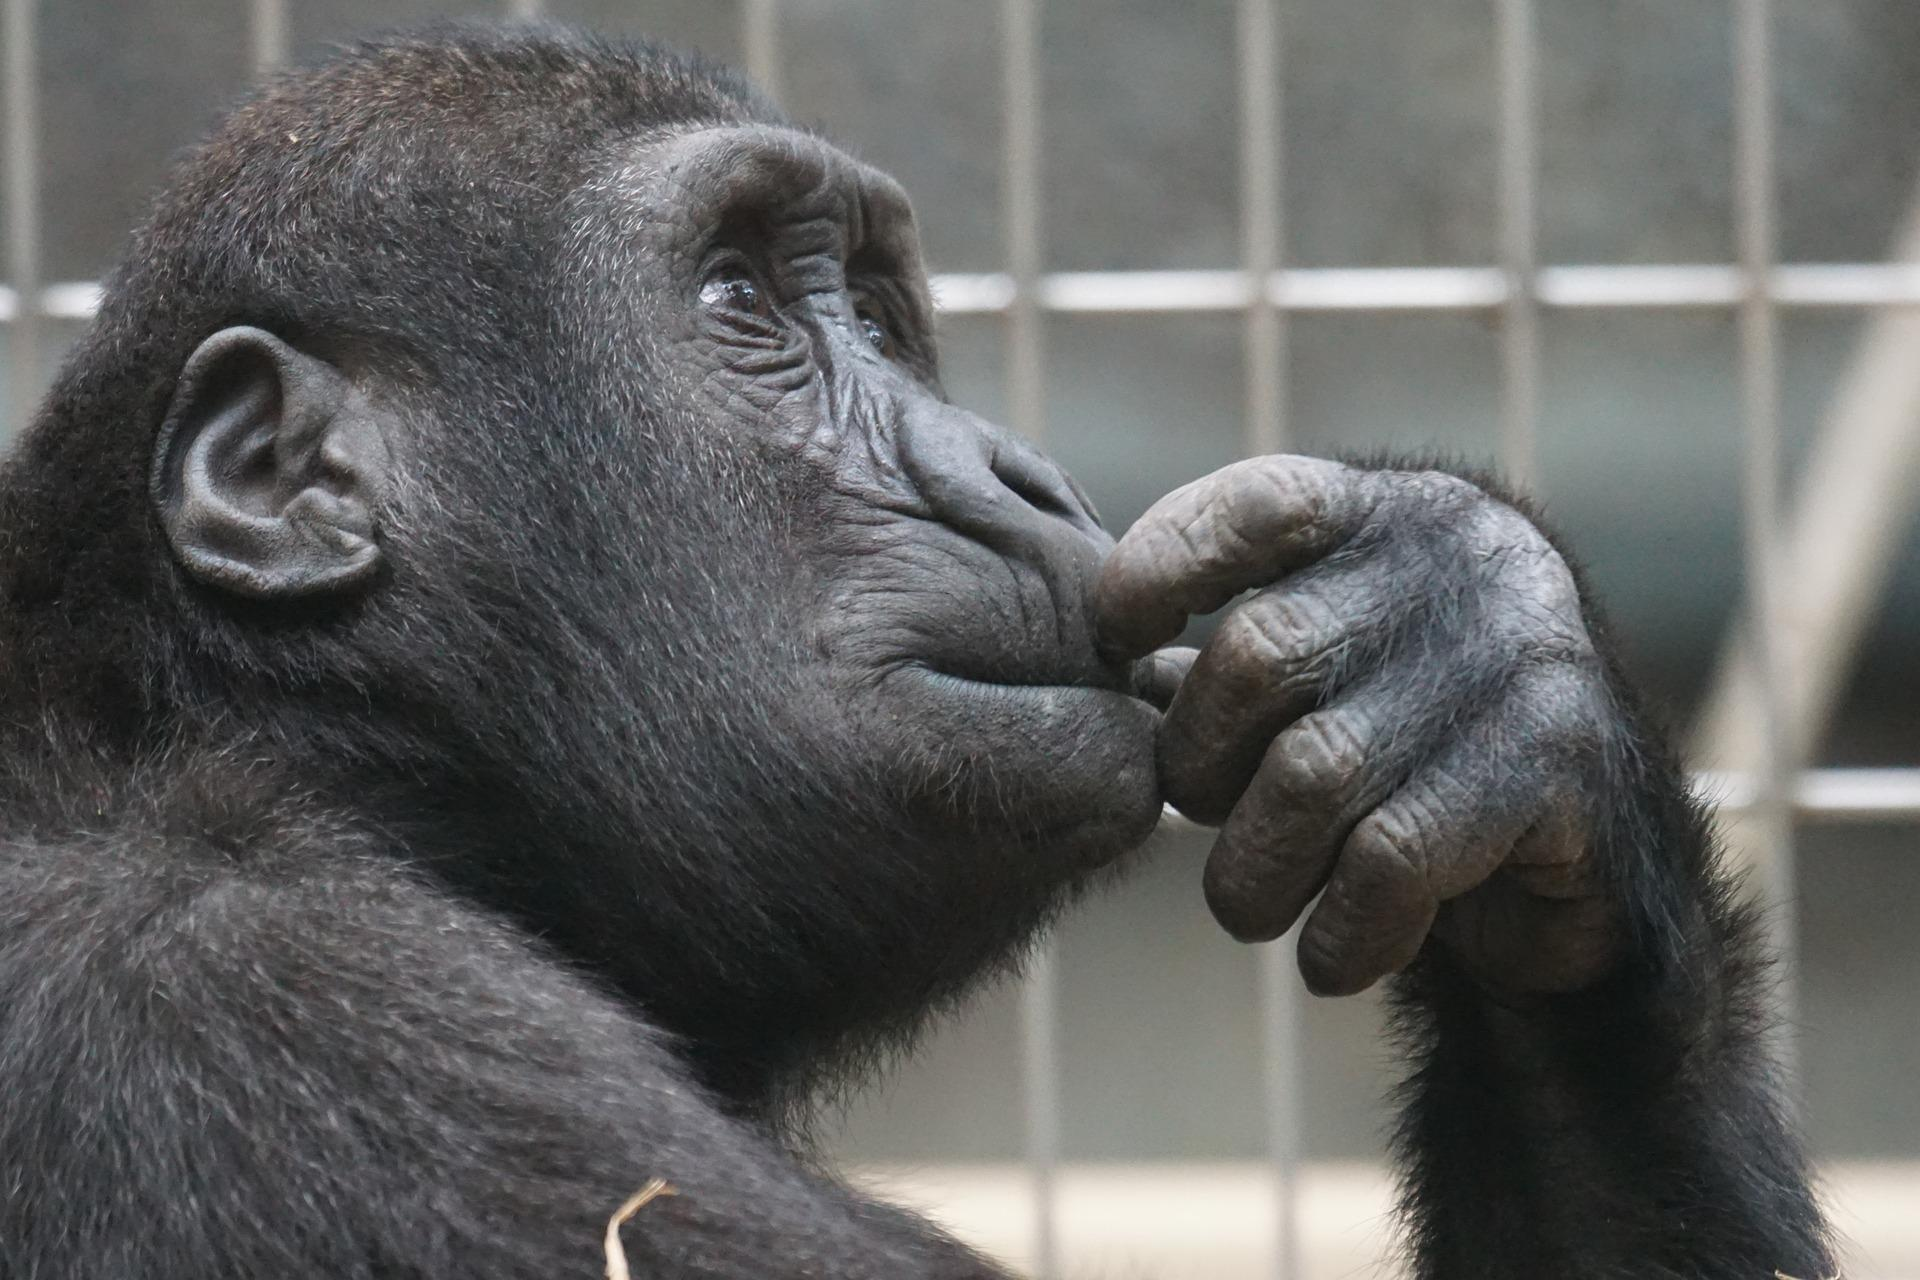 primate 1019101 1920 - Une Conclusion, c'est quand tu arrêtes de penser